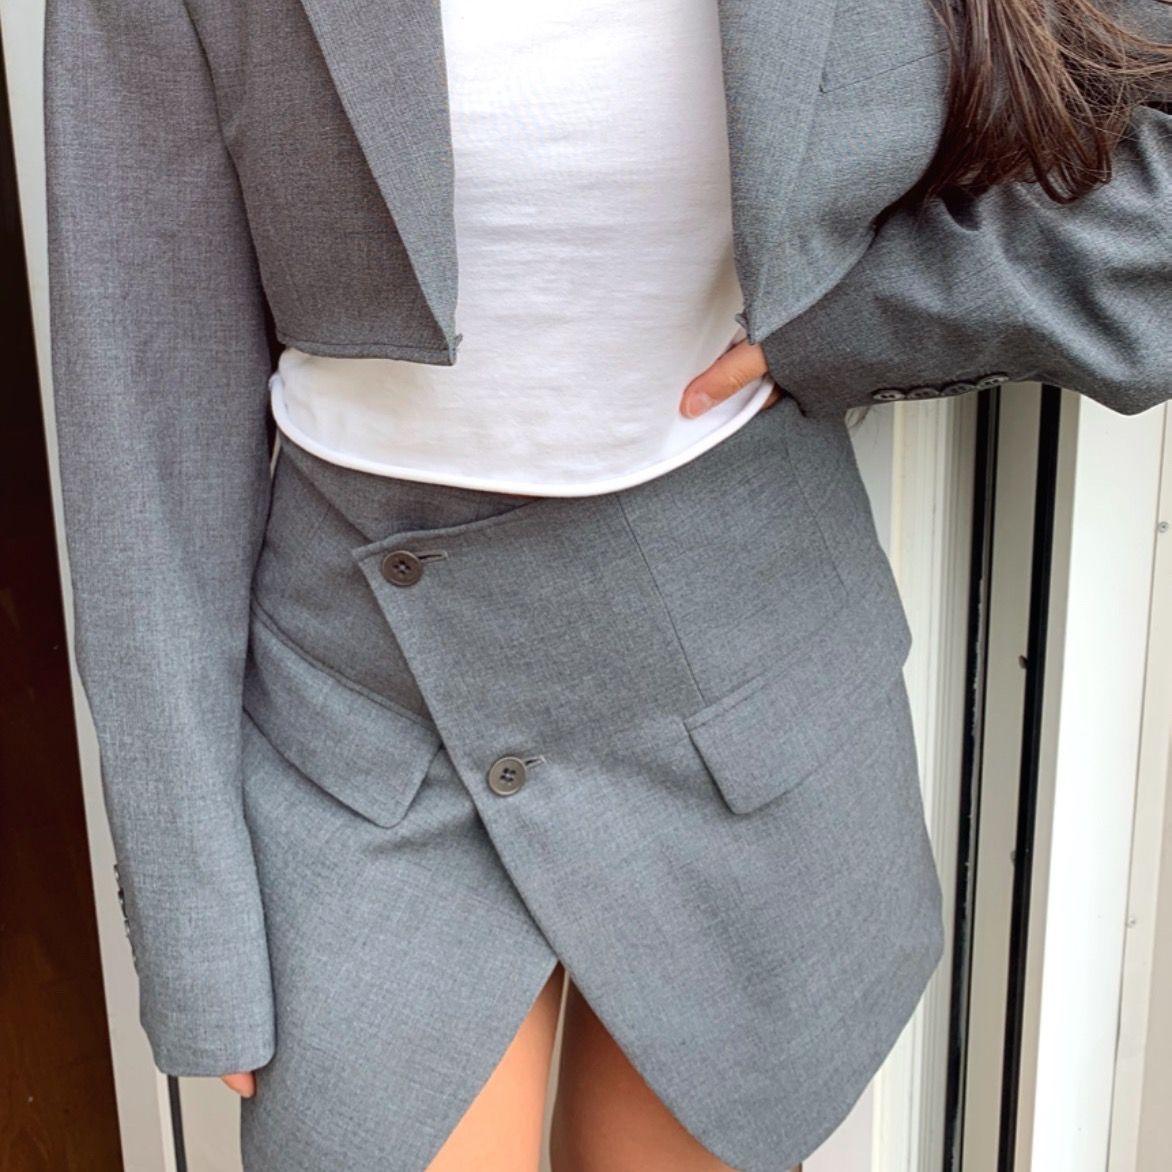 INTRESSEKOLL!! Har sytt om en kavaj till ett set. Passar strl. XS-S jag är 160cm. Kostymer.